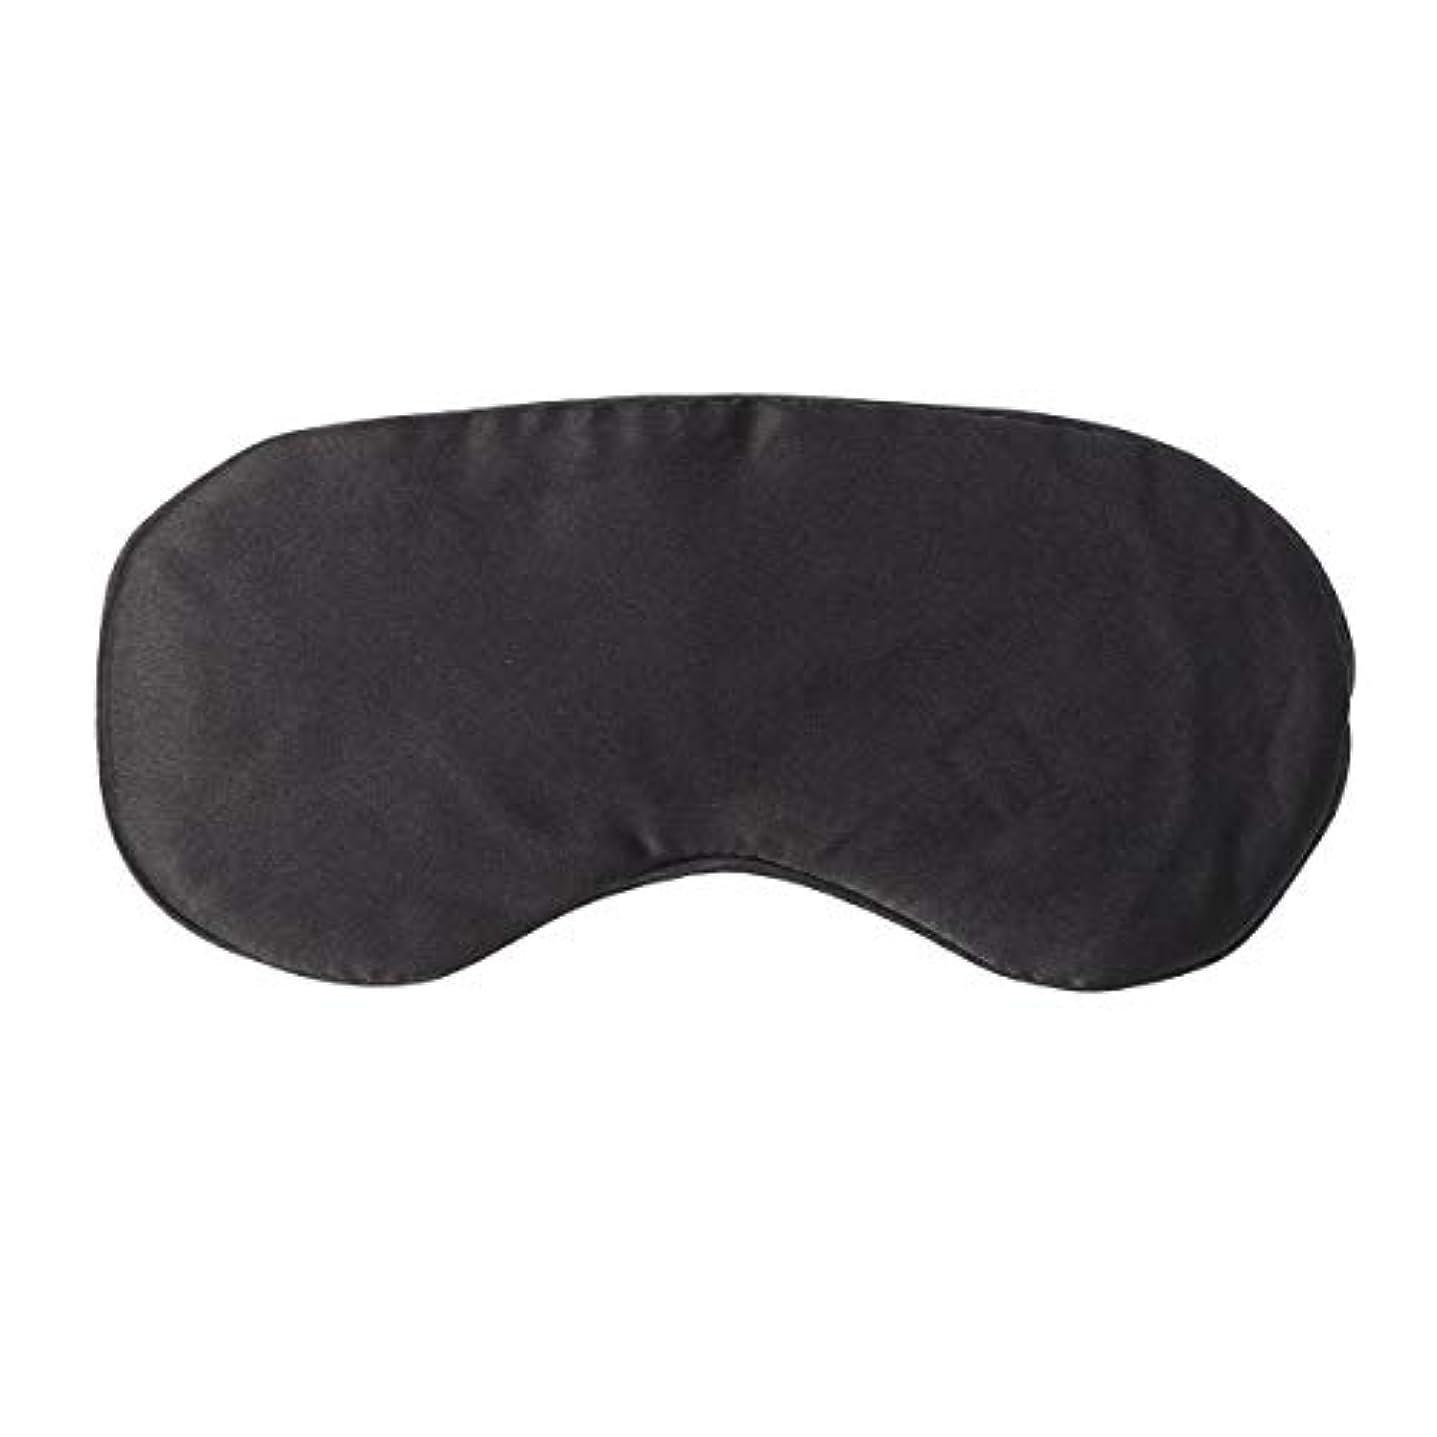 報告書ガレージ膜SUPVOX 模造シルク睡眠アイマスクパッド入りシェードカバー旅行リラックス援助目隠し旅行援助